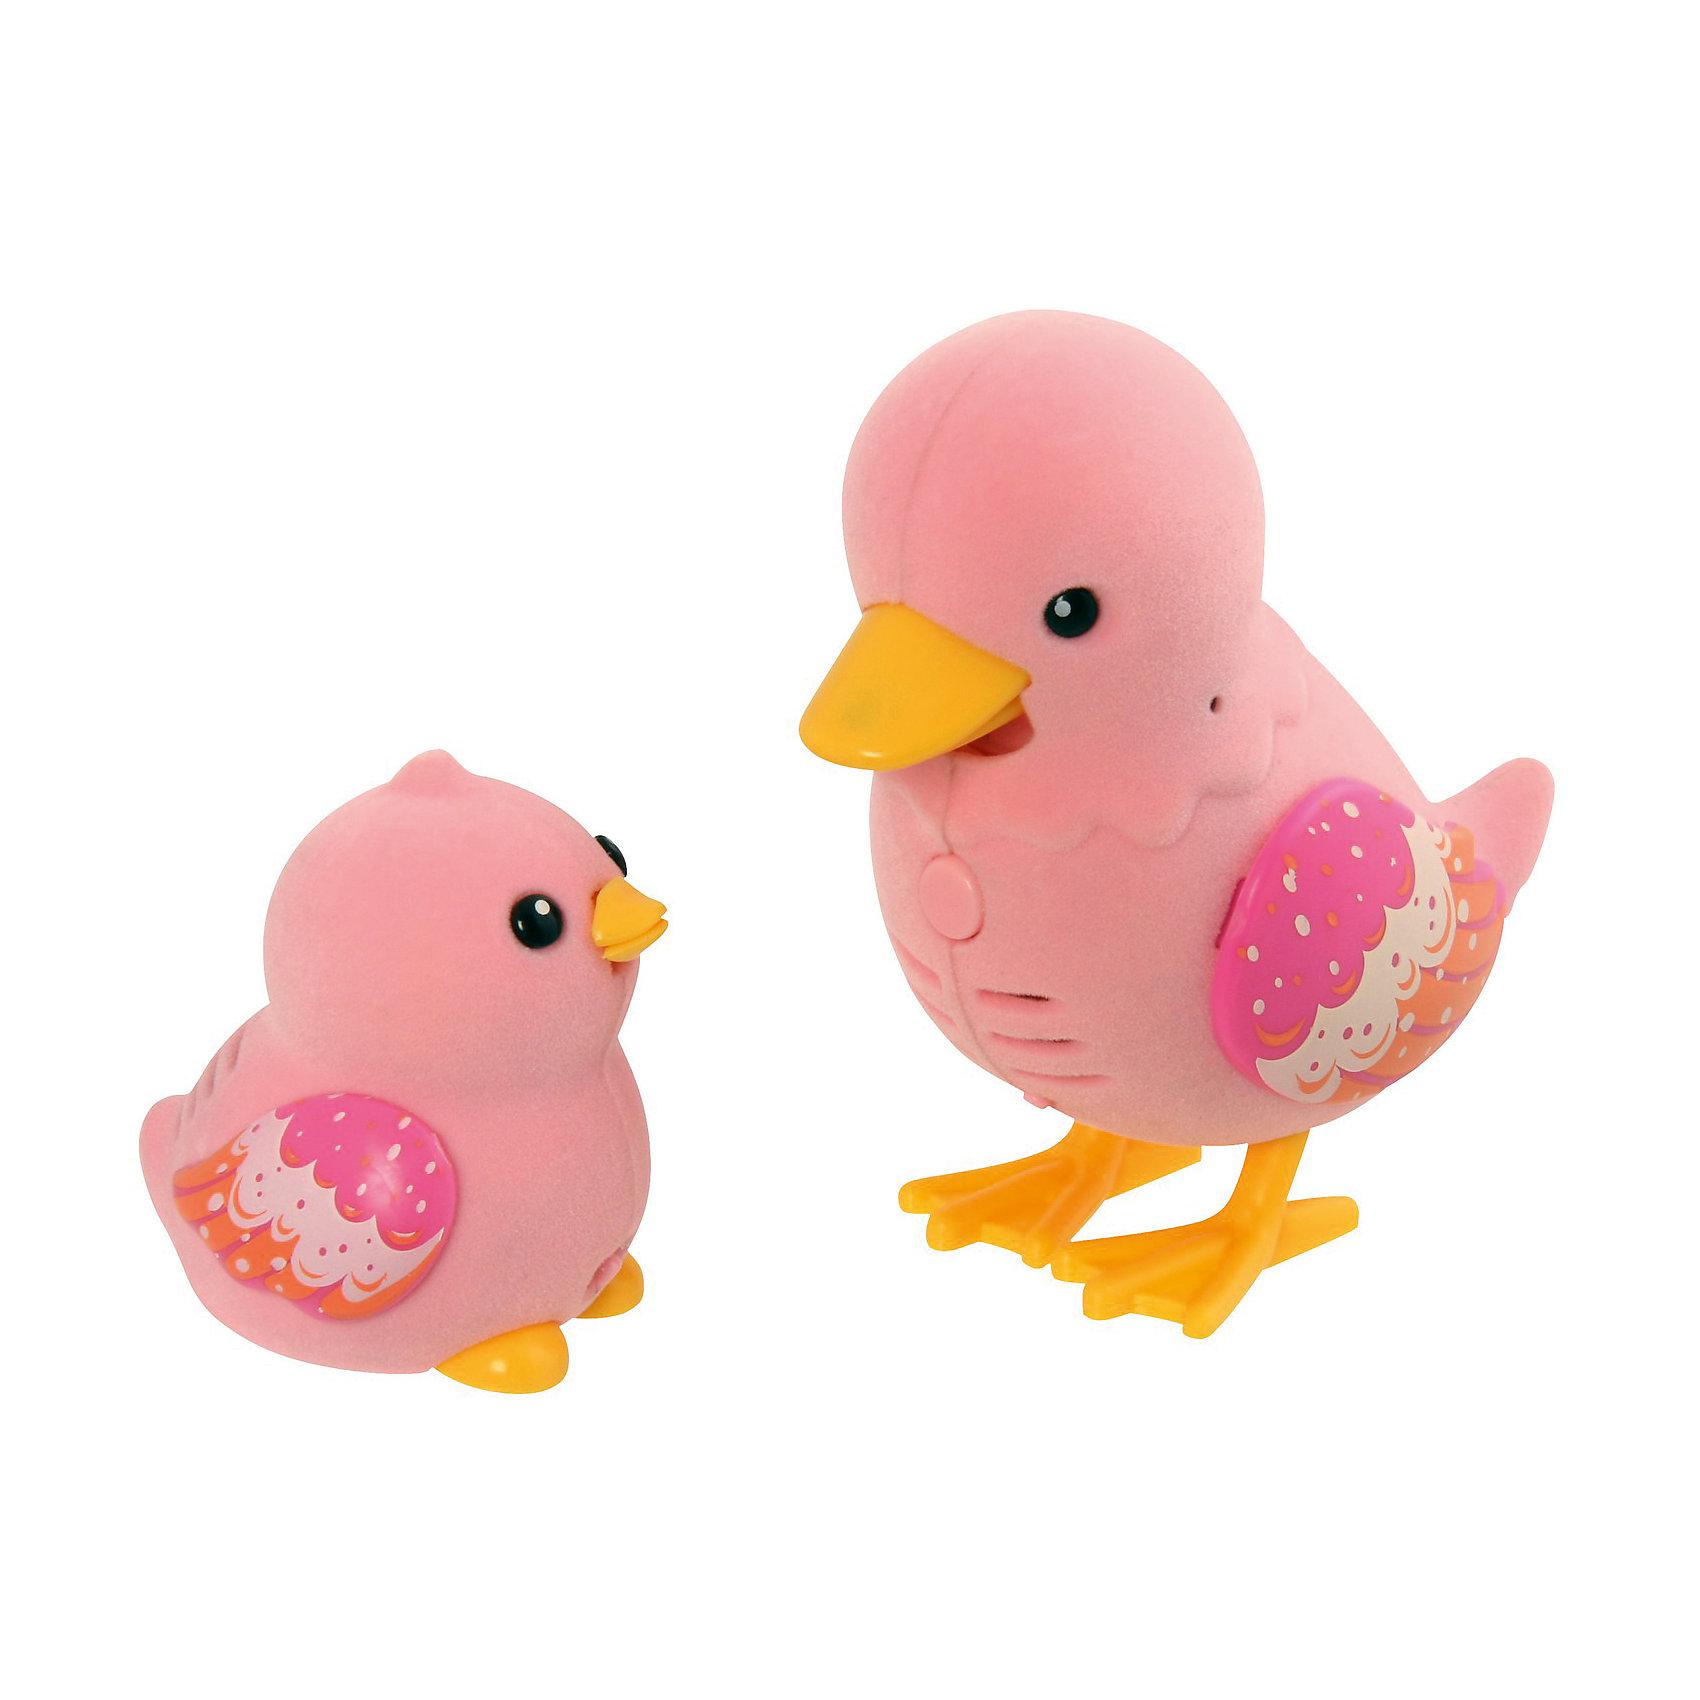 Игрушка Мама утка с утенком Waddle, Little Live Pets, MooseИгрушка Мама утка с утенком Waddle, Little Live Pets, Moose  – это интерактивная игрушка, которая вызовет восторг у вашего ребенка.<br>Семья интерактивных уточек станет великолепным подарком для ребенка. Мама-утка и утенок Waddle имеют одинаковую окраску. На нежно розовом тельце птичек выделяются красивые крылышки с узором в виде перьев. Лапки и клюв у уток желтые. Забавные уточки умеют запоминать короткие фразы и слова, а затем исполнять их на свой лад. Кроме того они знают 55 мелодий. Для того, чтобы они их исполнили достаточно погладить уток. Чем больше Вы их гладите, тем больше они поют. И, конечно же, мама утка и утенок могут говорить между собой! Когда уточки поют или произносят слова, у них двигается нижняя часть клювика. Игрушки сделаны из специального ударостойкого пластика, сверху покрыты бархатистым флоком, приятные на ощупь.<br><br>Дополнительная информация:<br><br>- В комплекте: утка, утенок<br>- Цвет: розовый, желтый, белый, оранжевый<br>- Игрушка рекомендована для детей в возрасте от 5 лет<br>- Материал: высококачественный прочный пластик, флок<br>- Размер упаковки: 23 х 21,5 х 22,6 см.<br>- Внимание! Для работы Вам потребуются 2 батарейки типа ААА (для мамы утки), а также 3 батарейки таблетки (Button Cell). В набор включены тестовые батарейки. Их рекомендуется заменить на полноценные источники питания<br><br>Игрушку Мама утка с утенком Waddle, Little Live Pets, Moose  можно купить в нашем интернет-магазине.<br><br>Ширина мм: 218<br>Глубина мм: 220<br>Высота мм: 73<br>Вес г: 248<br>Возраст от месяцев: 60<br>Возраст до месяцев: 108<br>Пол: Унисекс<br>Возраст: Детский<br>SKU: 4324842